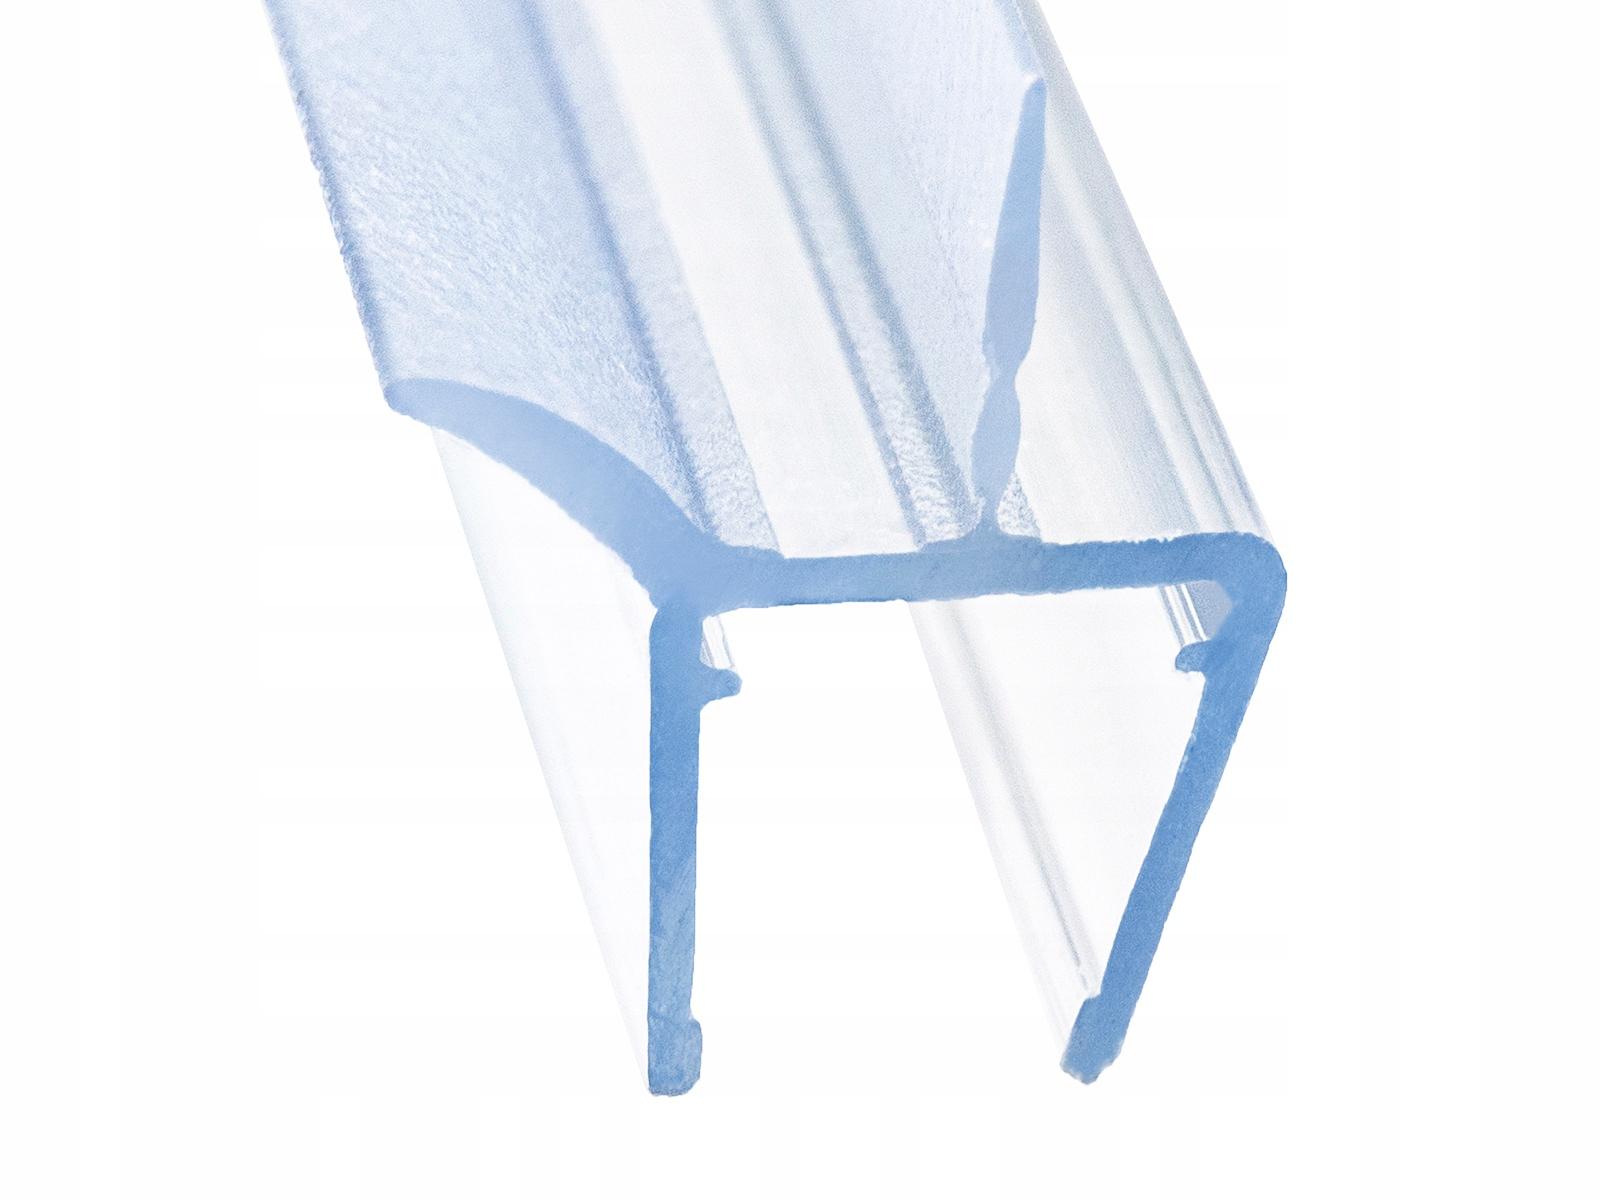 Tesnenie sprchového kúta 10-12mm UK03-10 1,8m